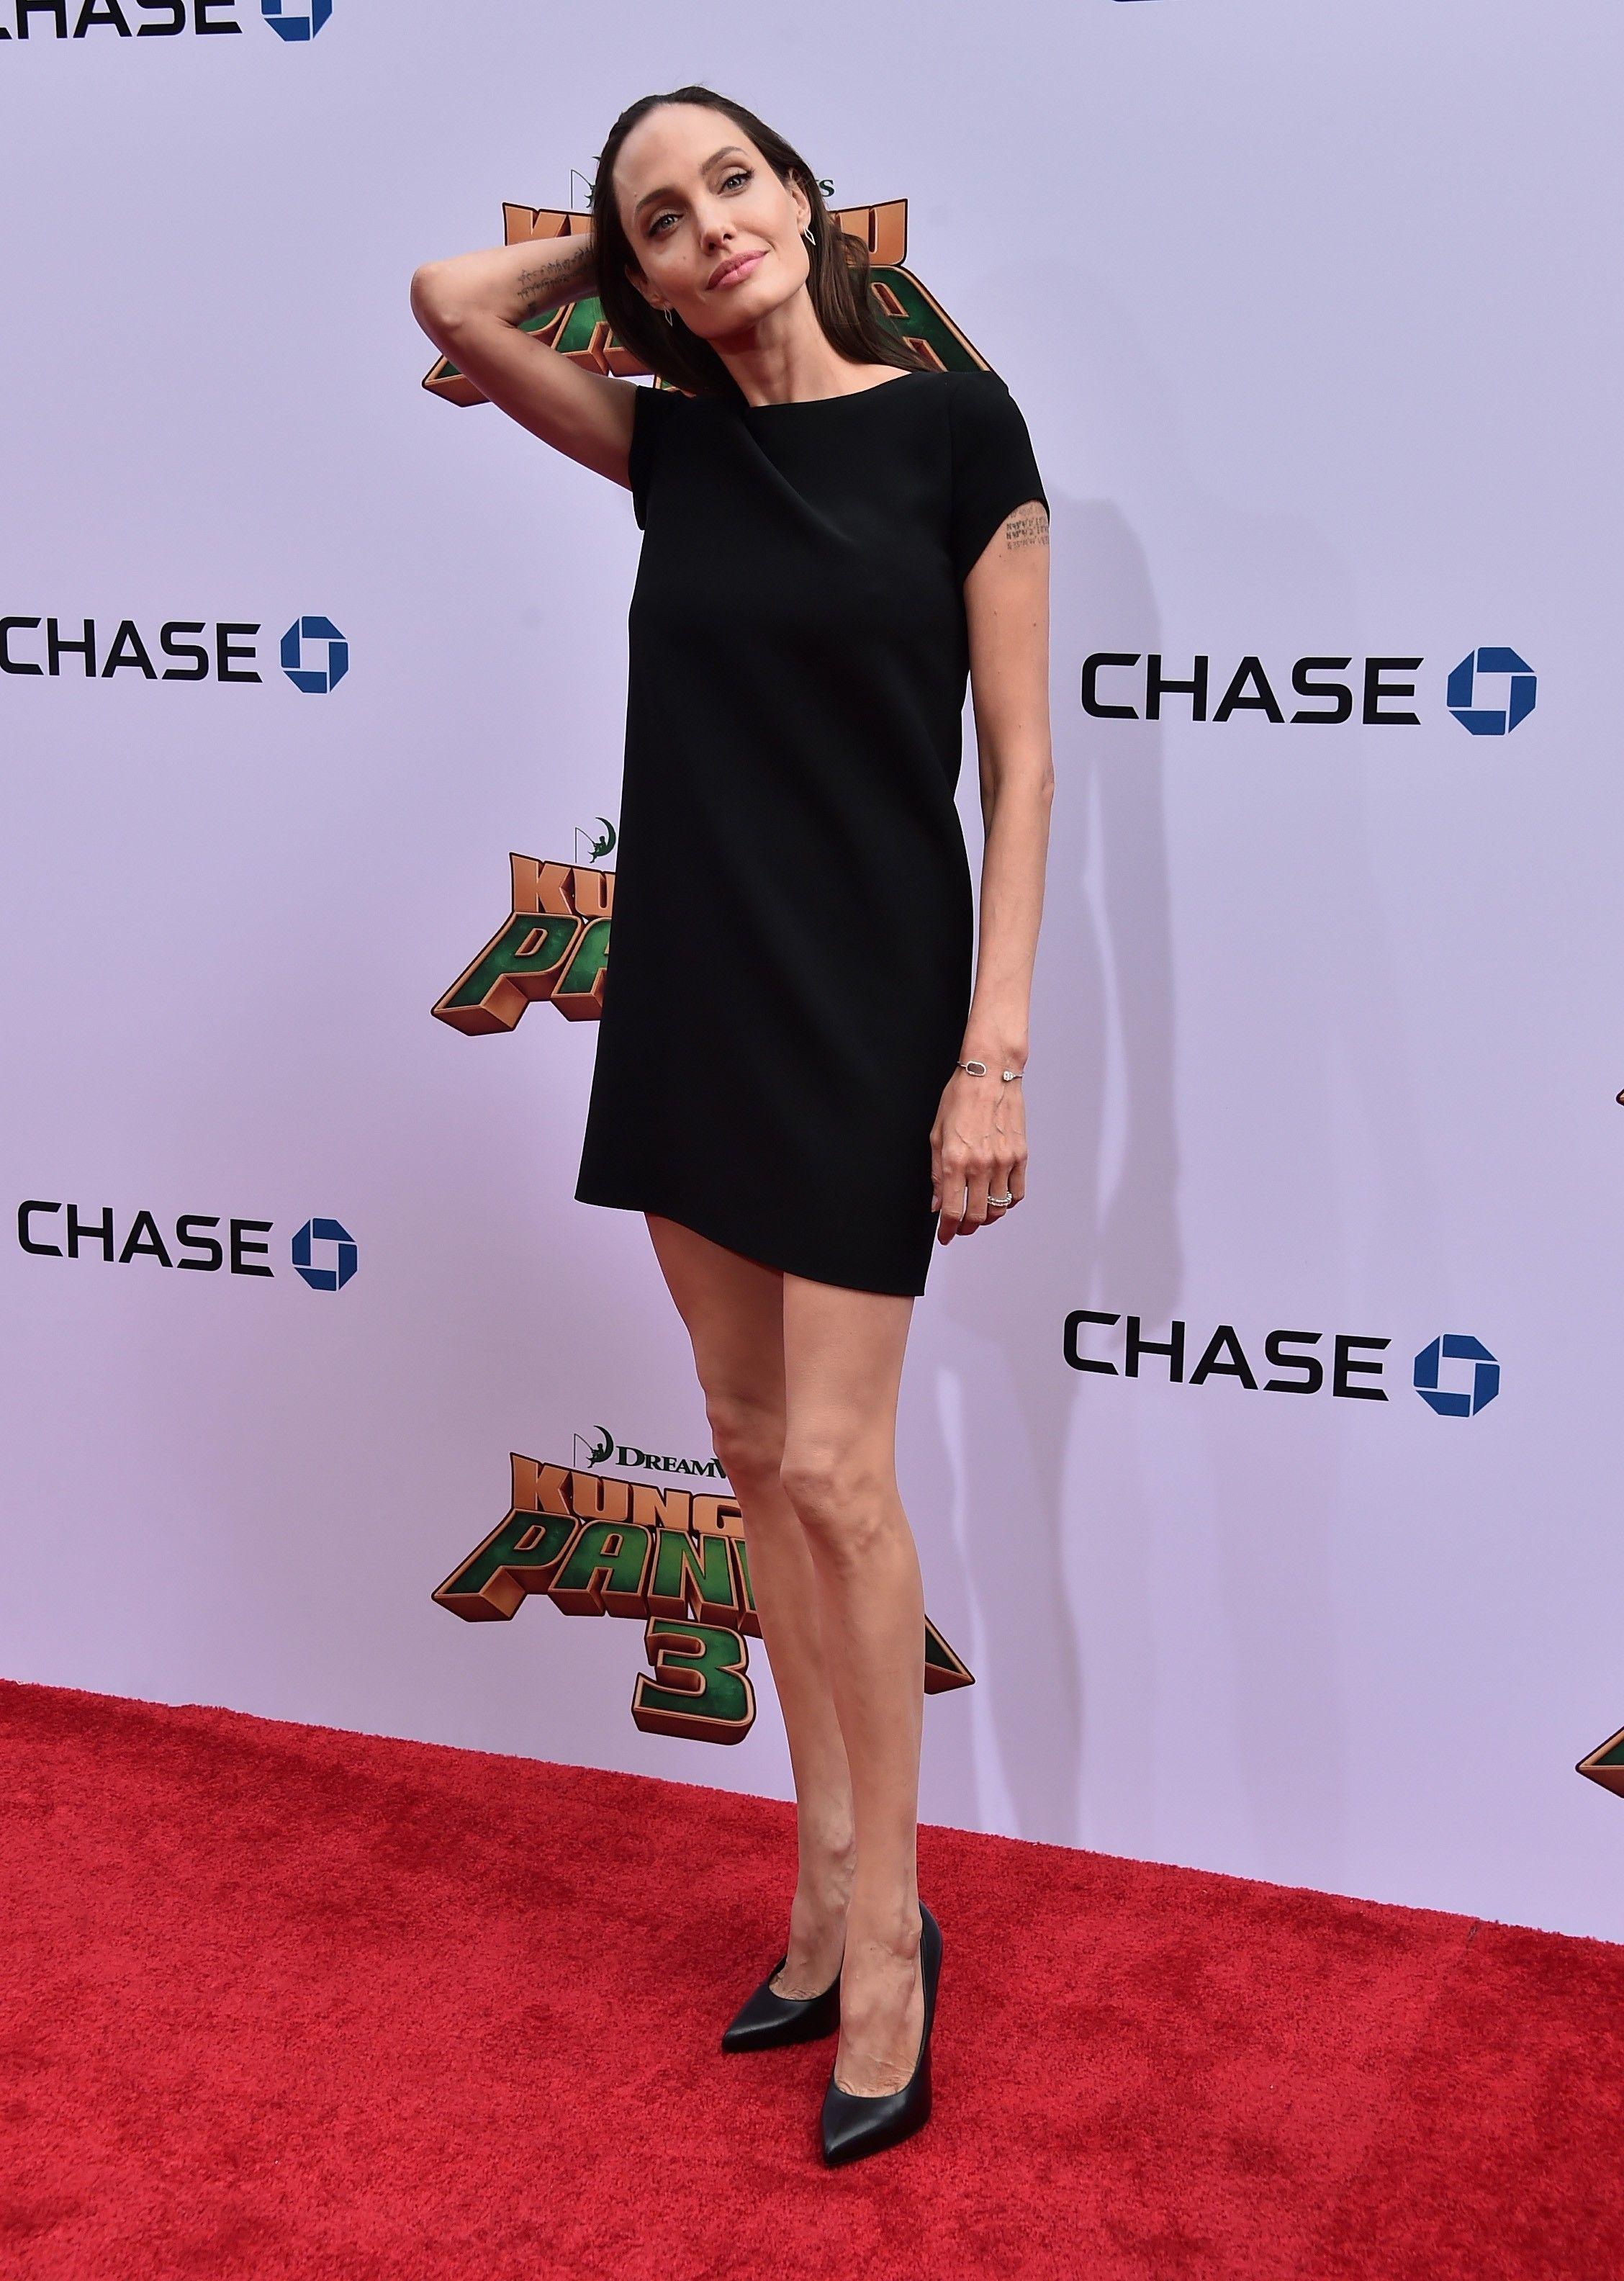 Angelina Jolie Teria Sido Internada Pesando 35kg Diz Tabloide